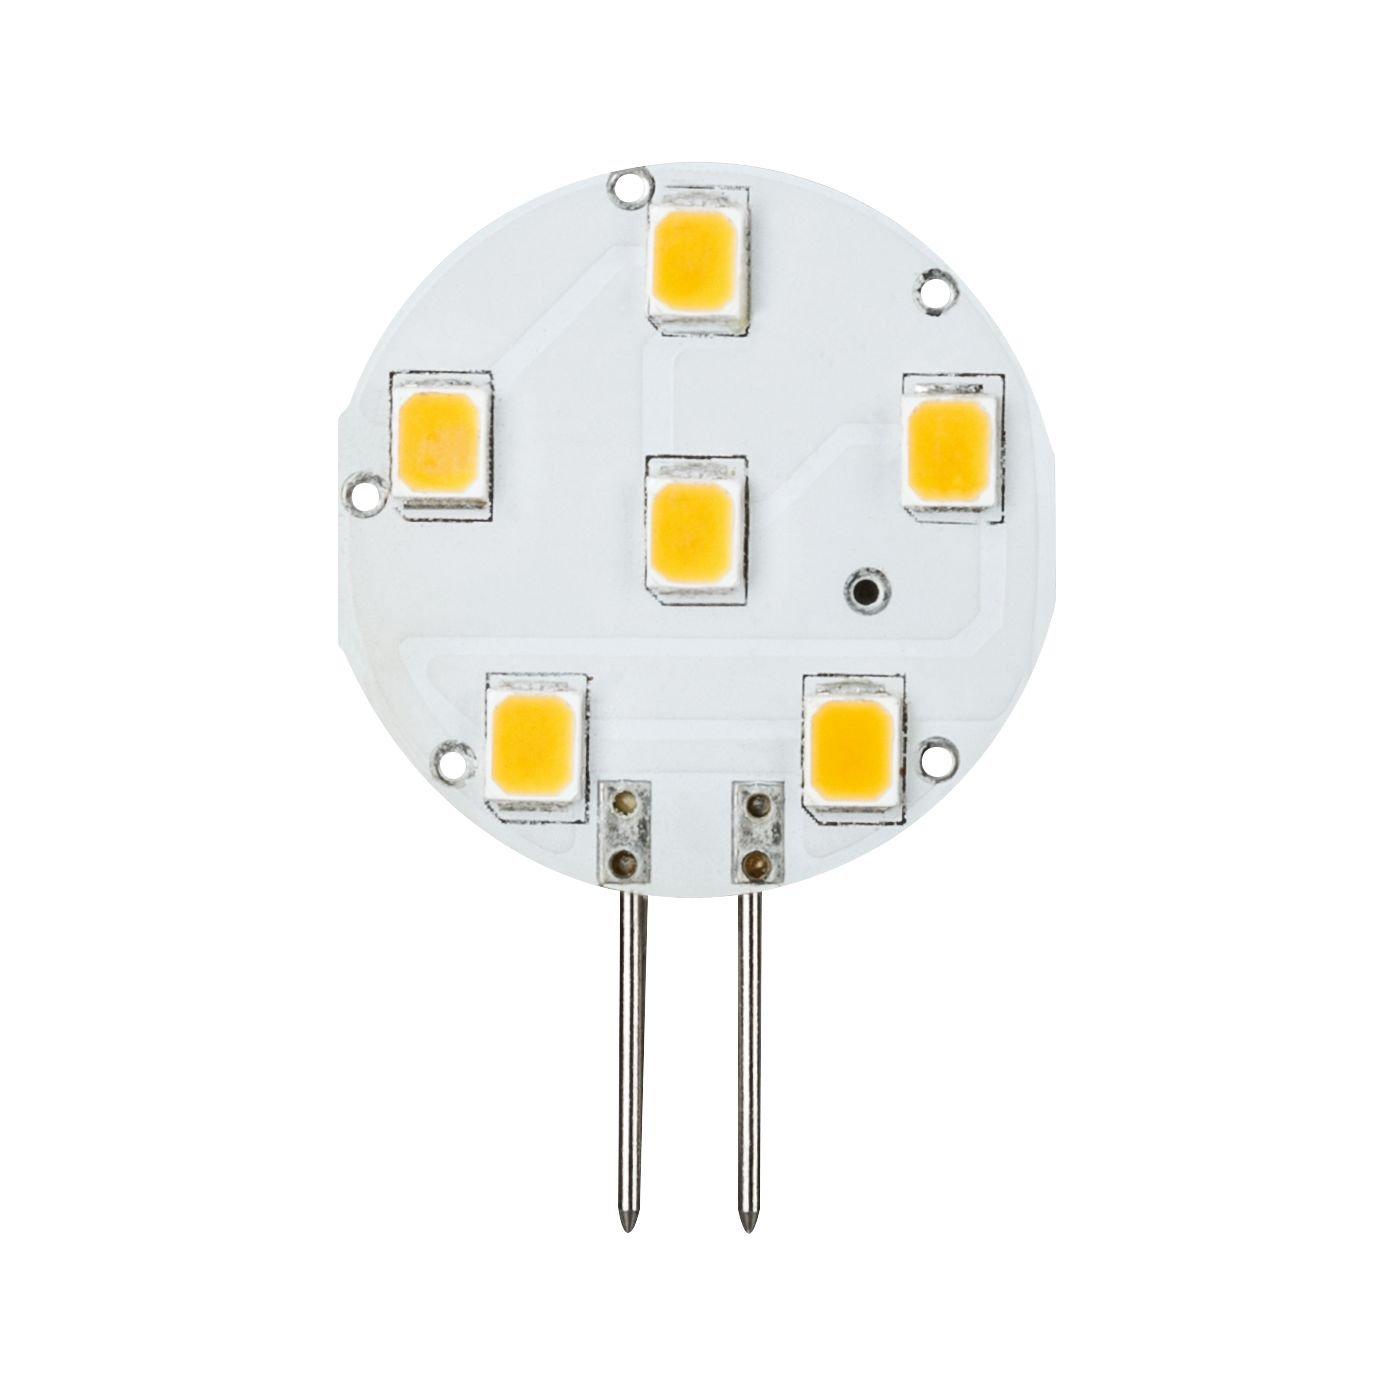 LED Stiftsockel 1,3 Watt G4 Warmweiß 12 V